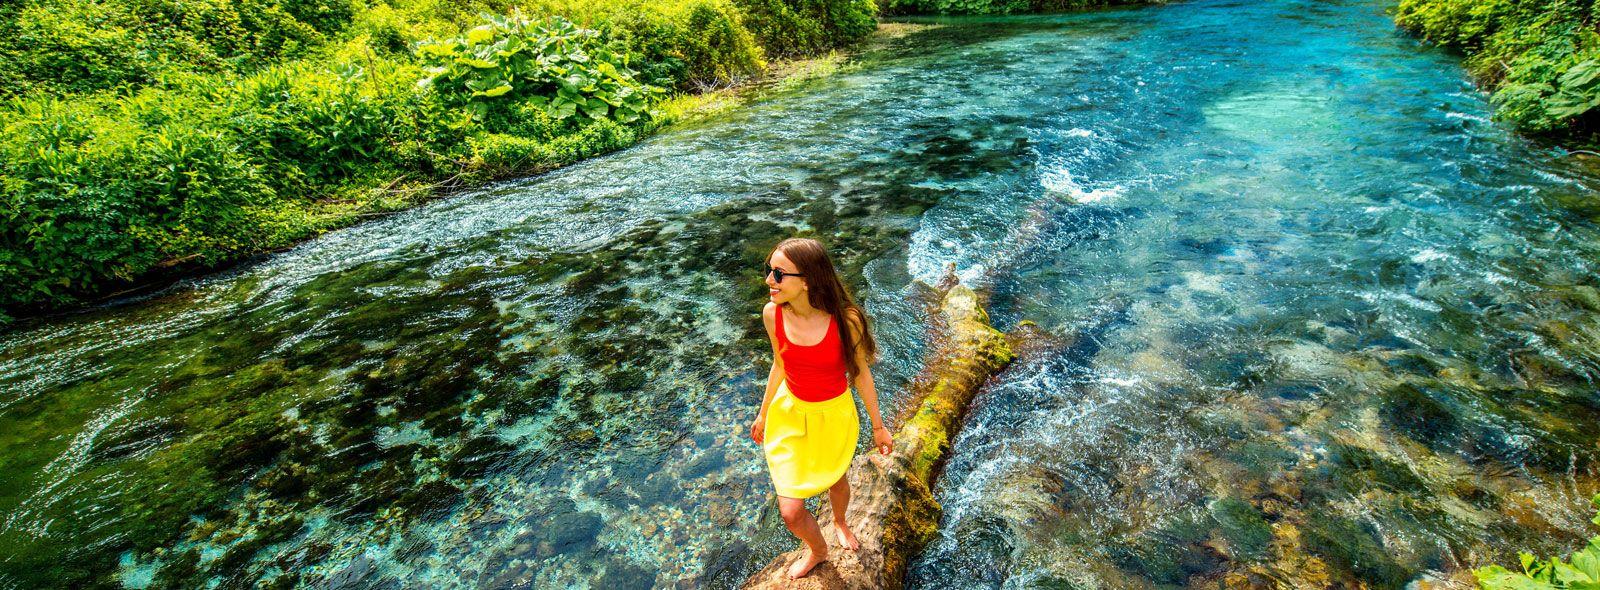 Occhio blu Albania: cos'è e dove si trova